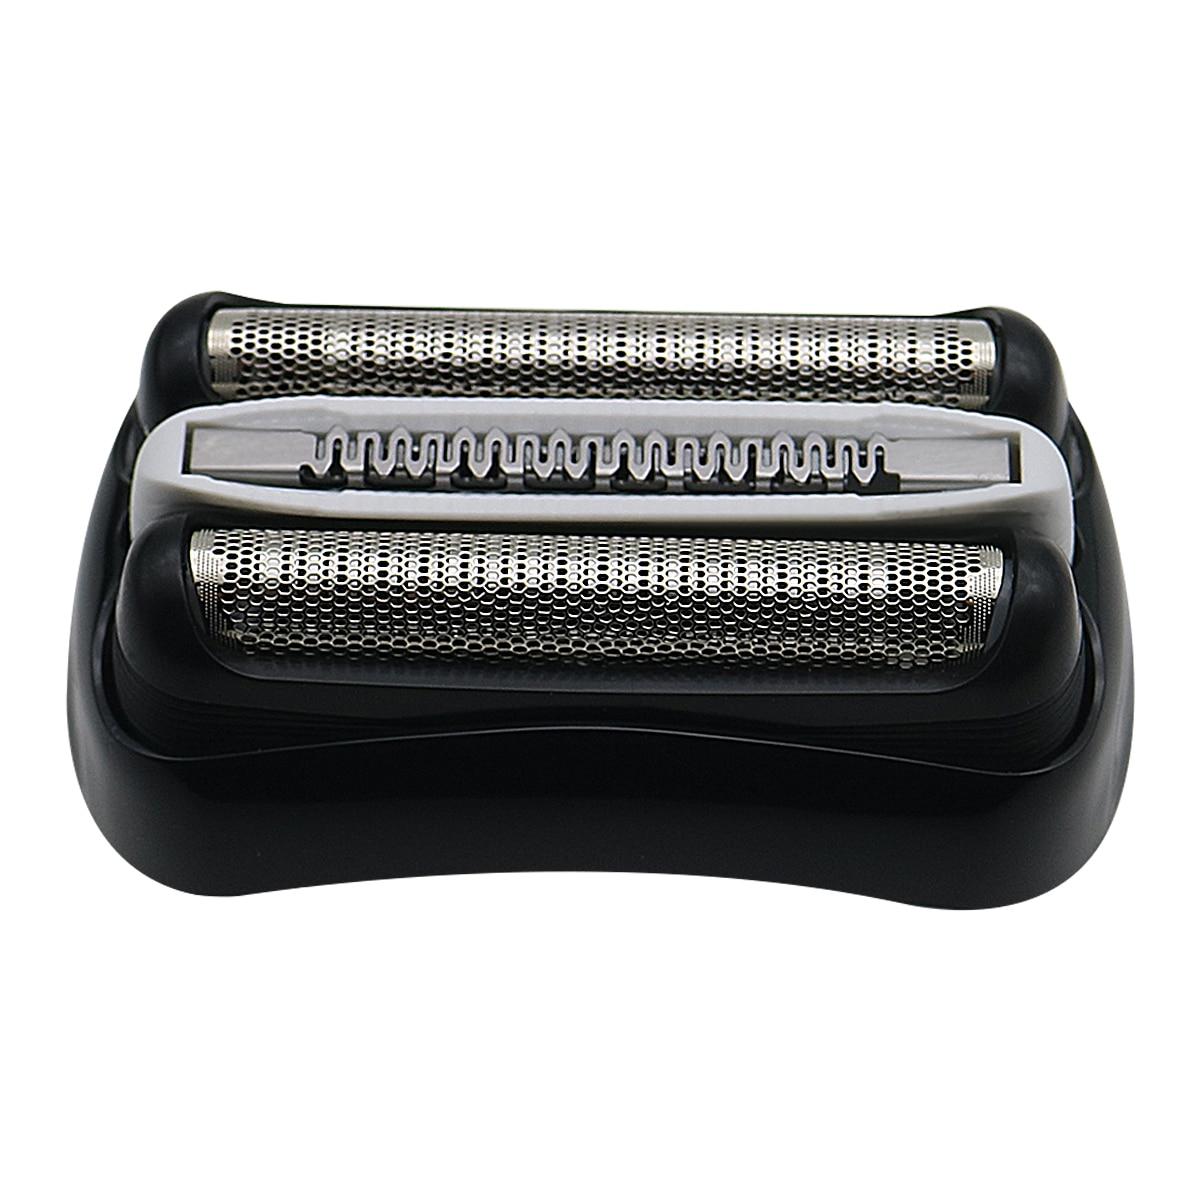 Série 3 32B para Braun Barbeador Elétrico Cabeça 320 330 340 350 380 300s 301s 310s 3000s 3010s 3020s 330S-4 3050cc 3040s